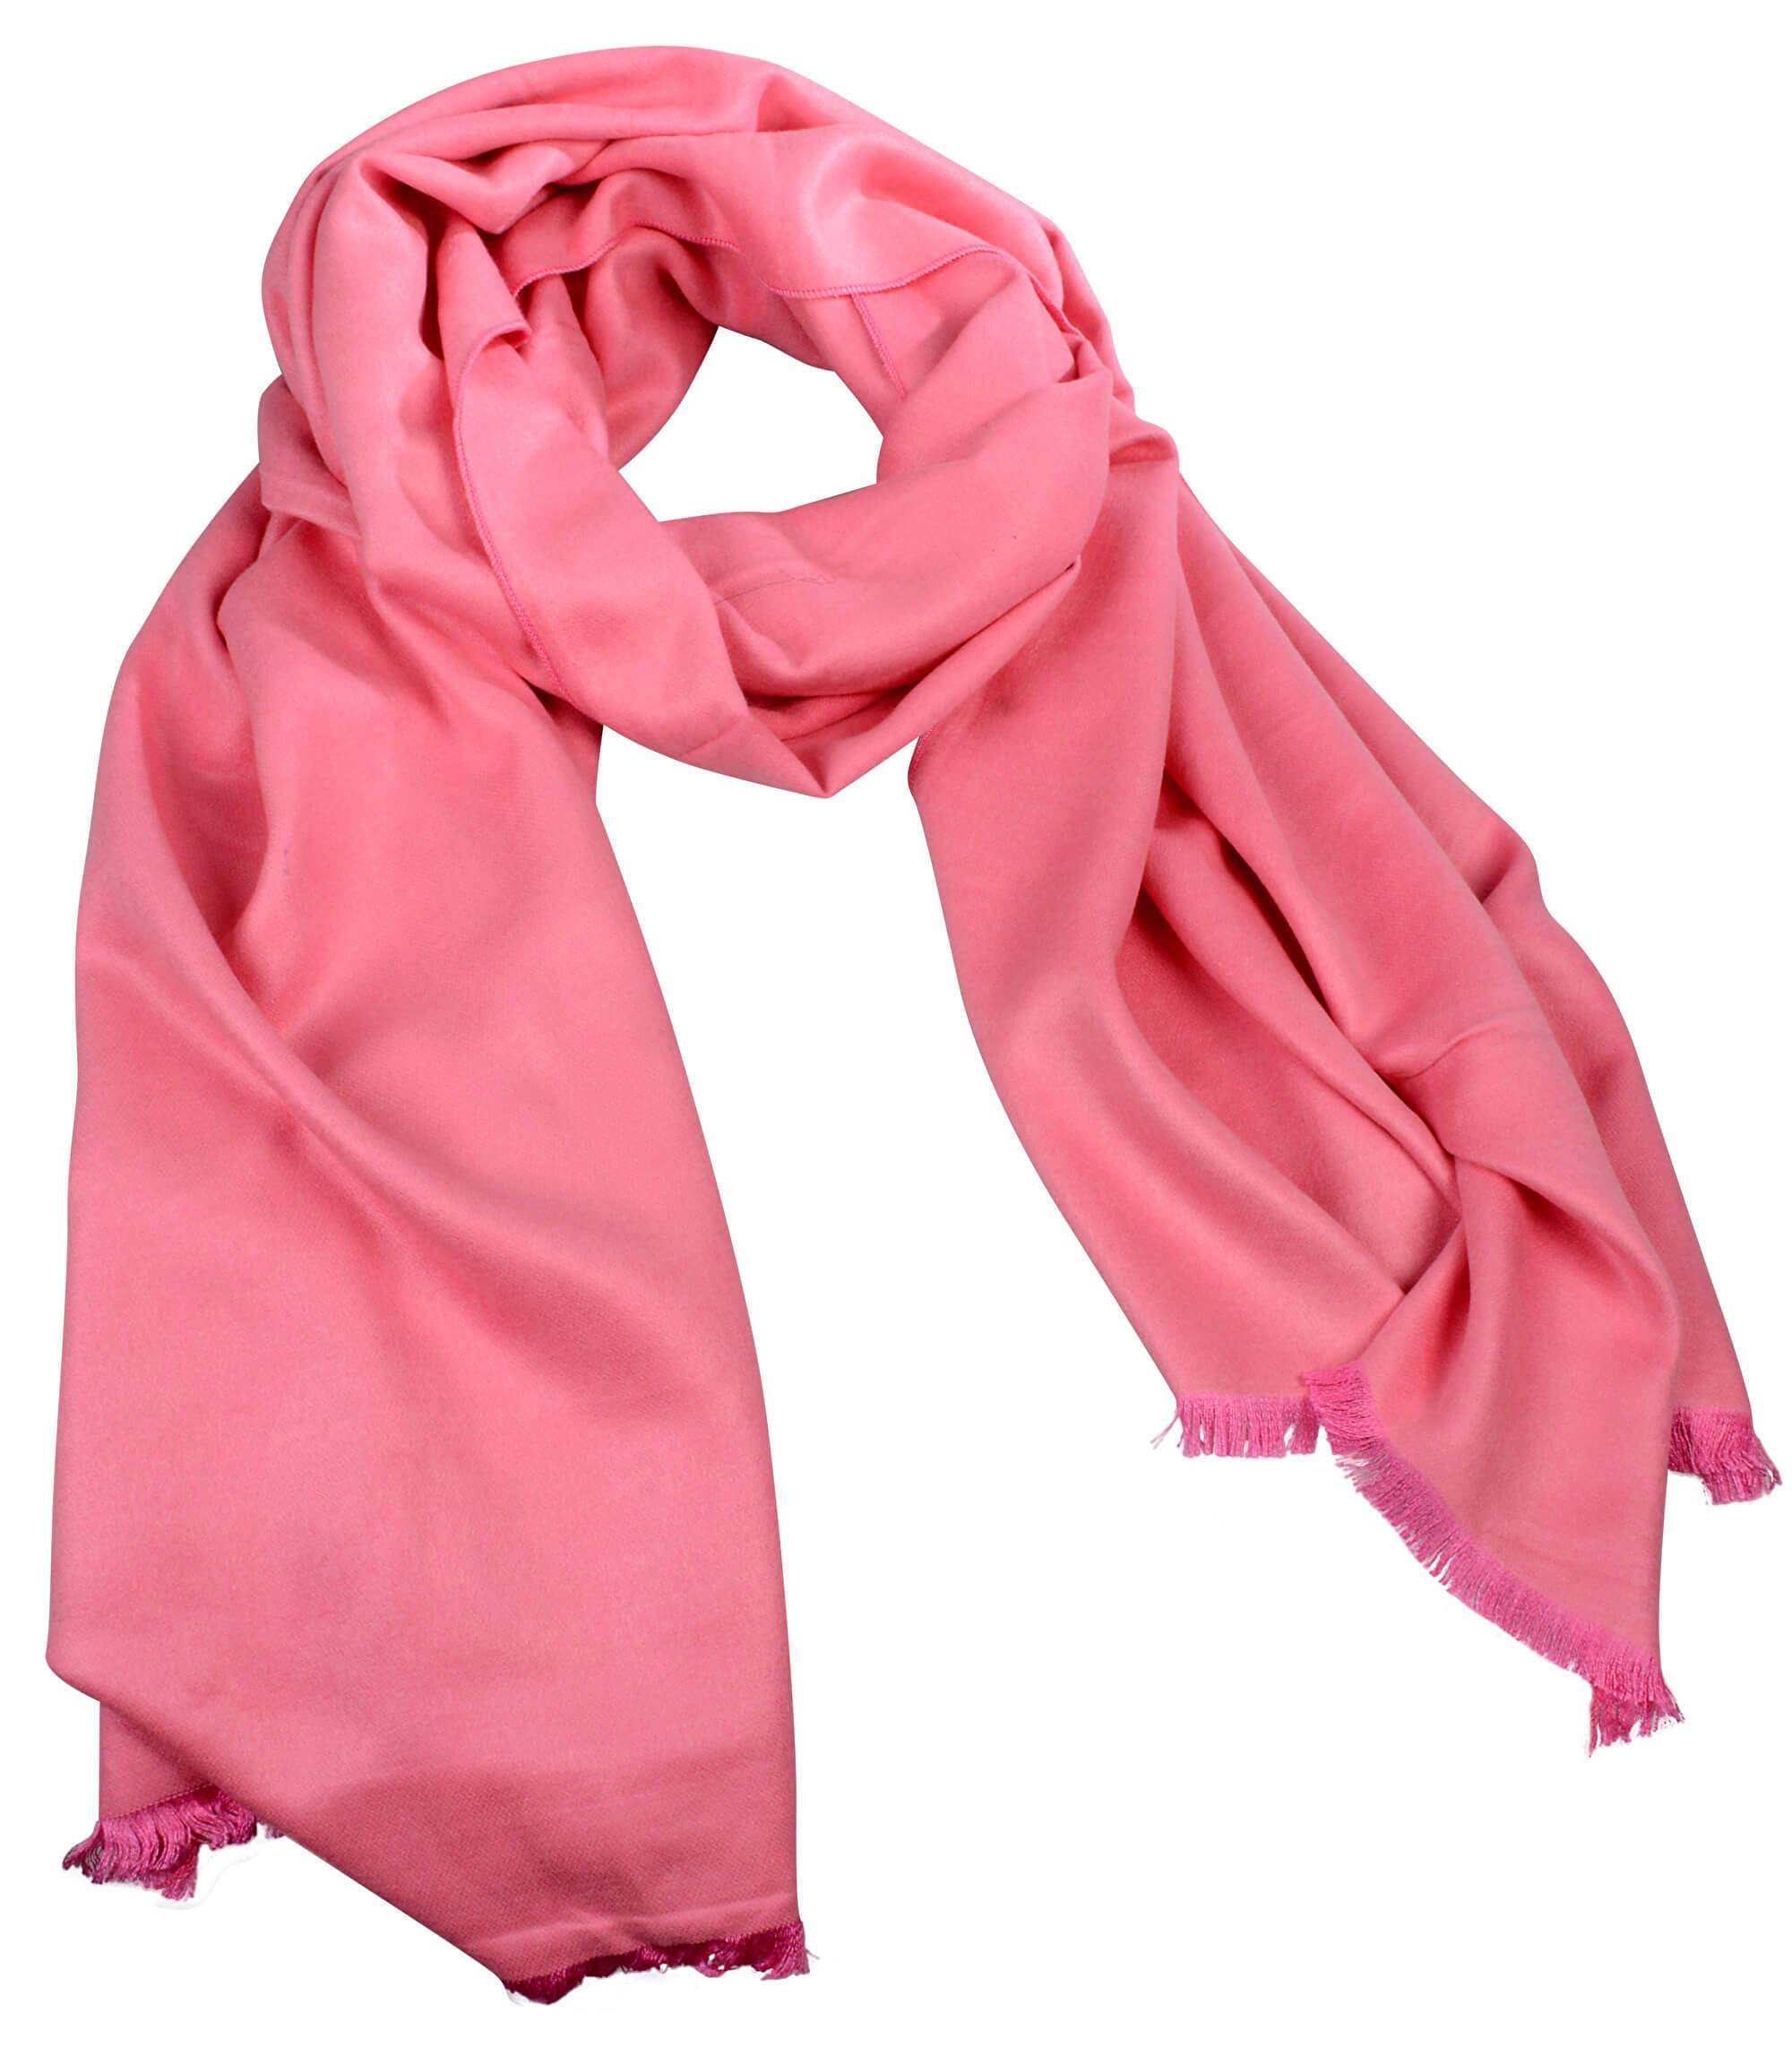 644fd05d2da Art of Polo Dámský hedvábný šátek Islandia - růžový sz16308.2 ...